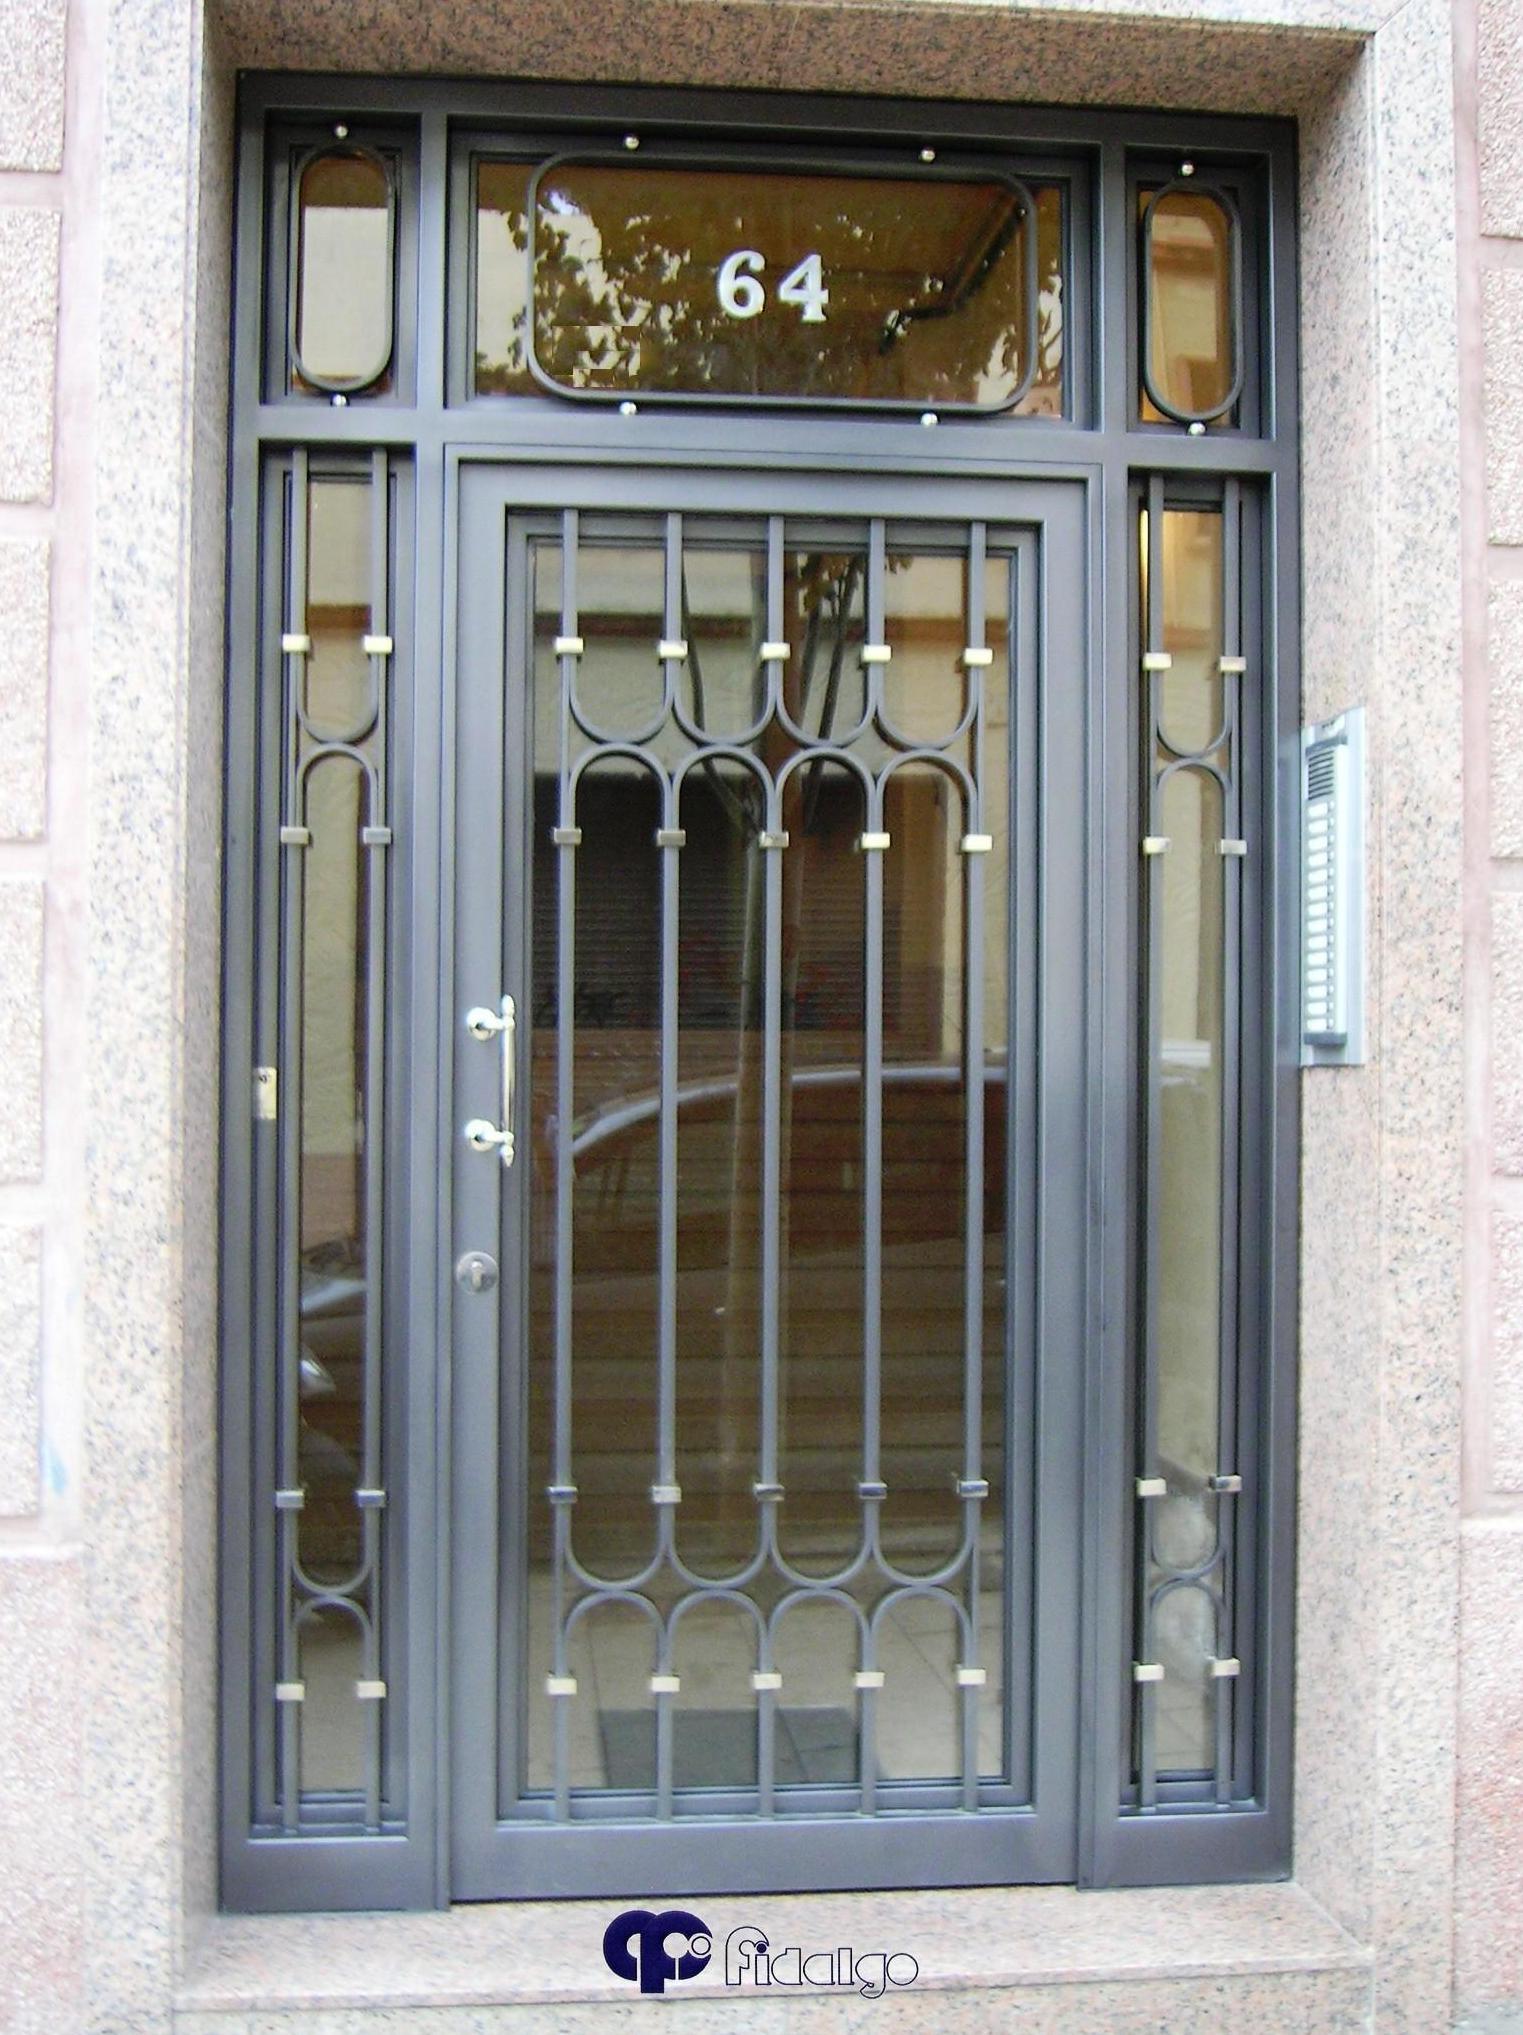 Puertas para metalicos simple ampliar imagen with puertas for Puertas metalicas